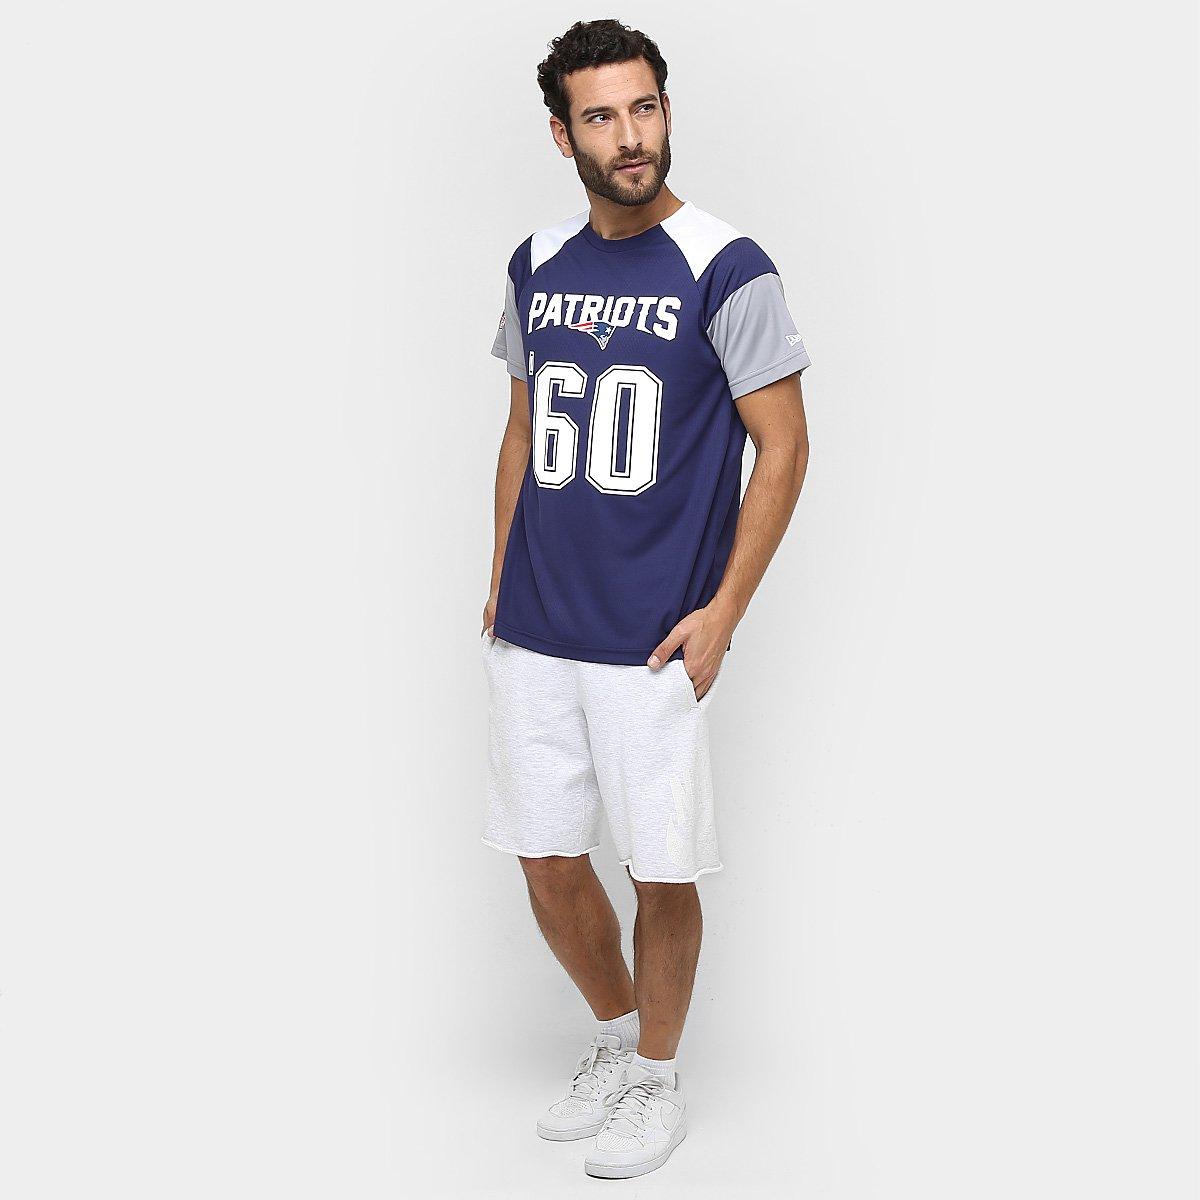 Camiseta New Era NFL Raglan Recorte New England Patriots - Compre ... f93a0888d9b